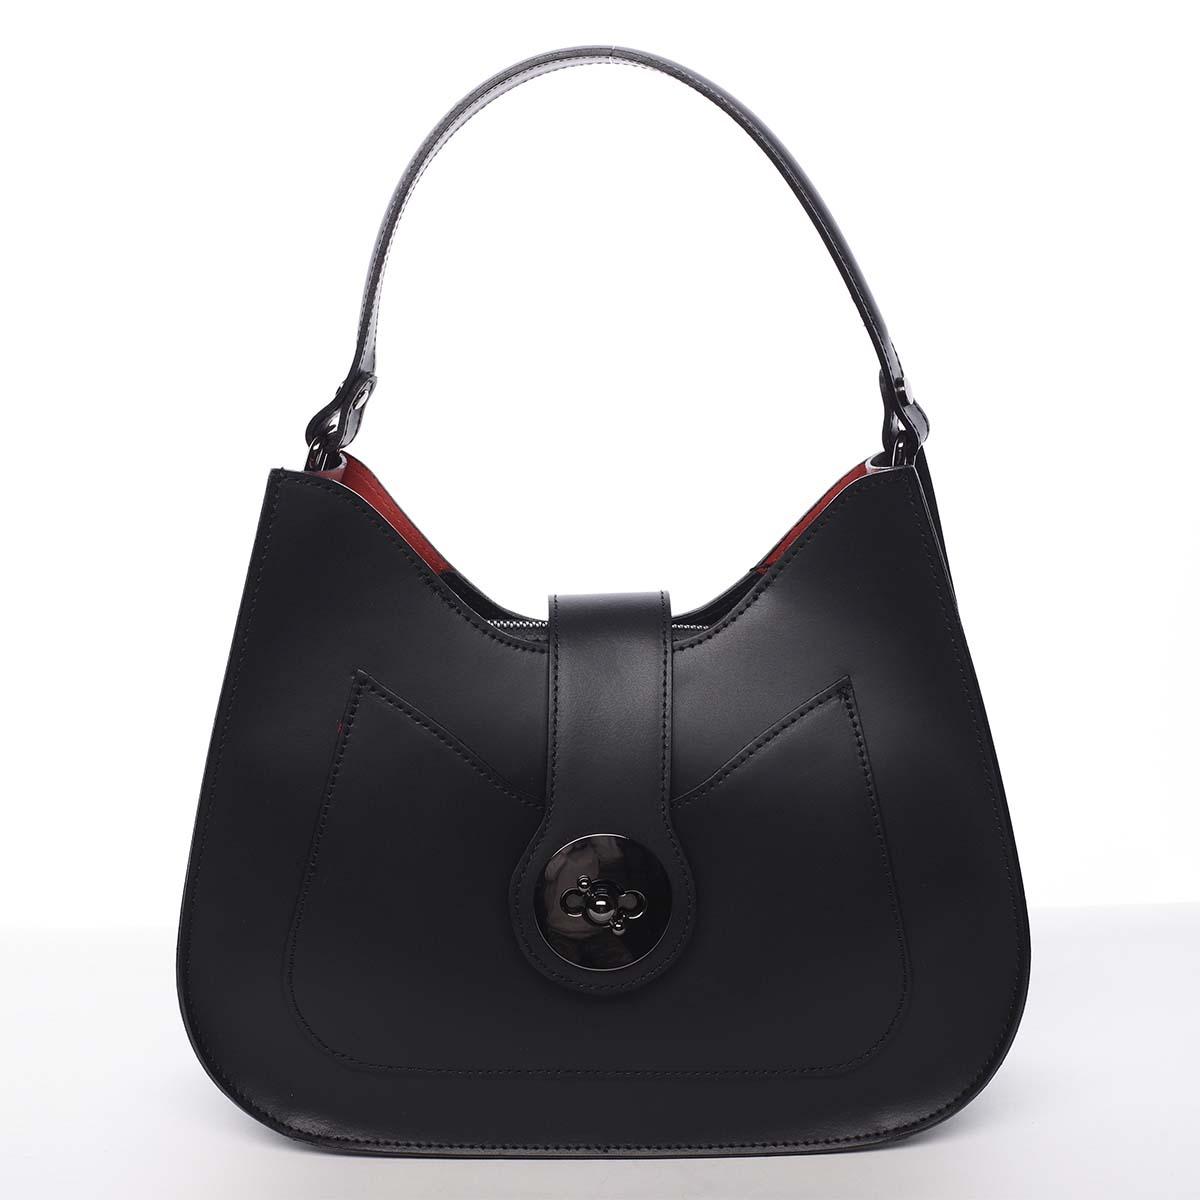 Luxusní dámská kožená kabelka černá - ItalY Fatima